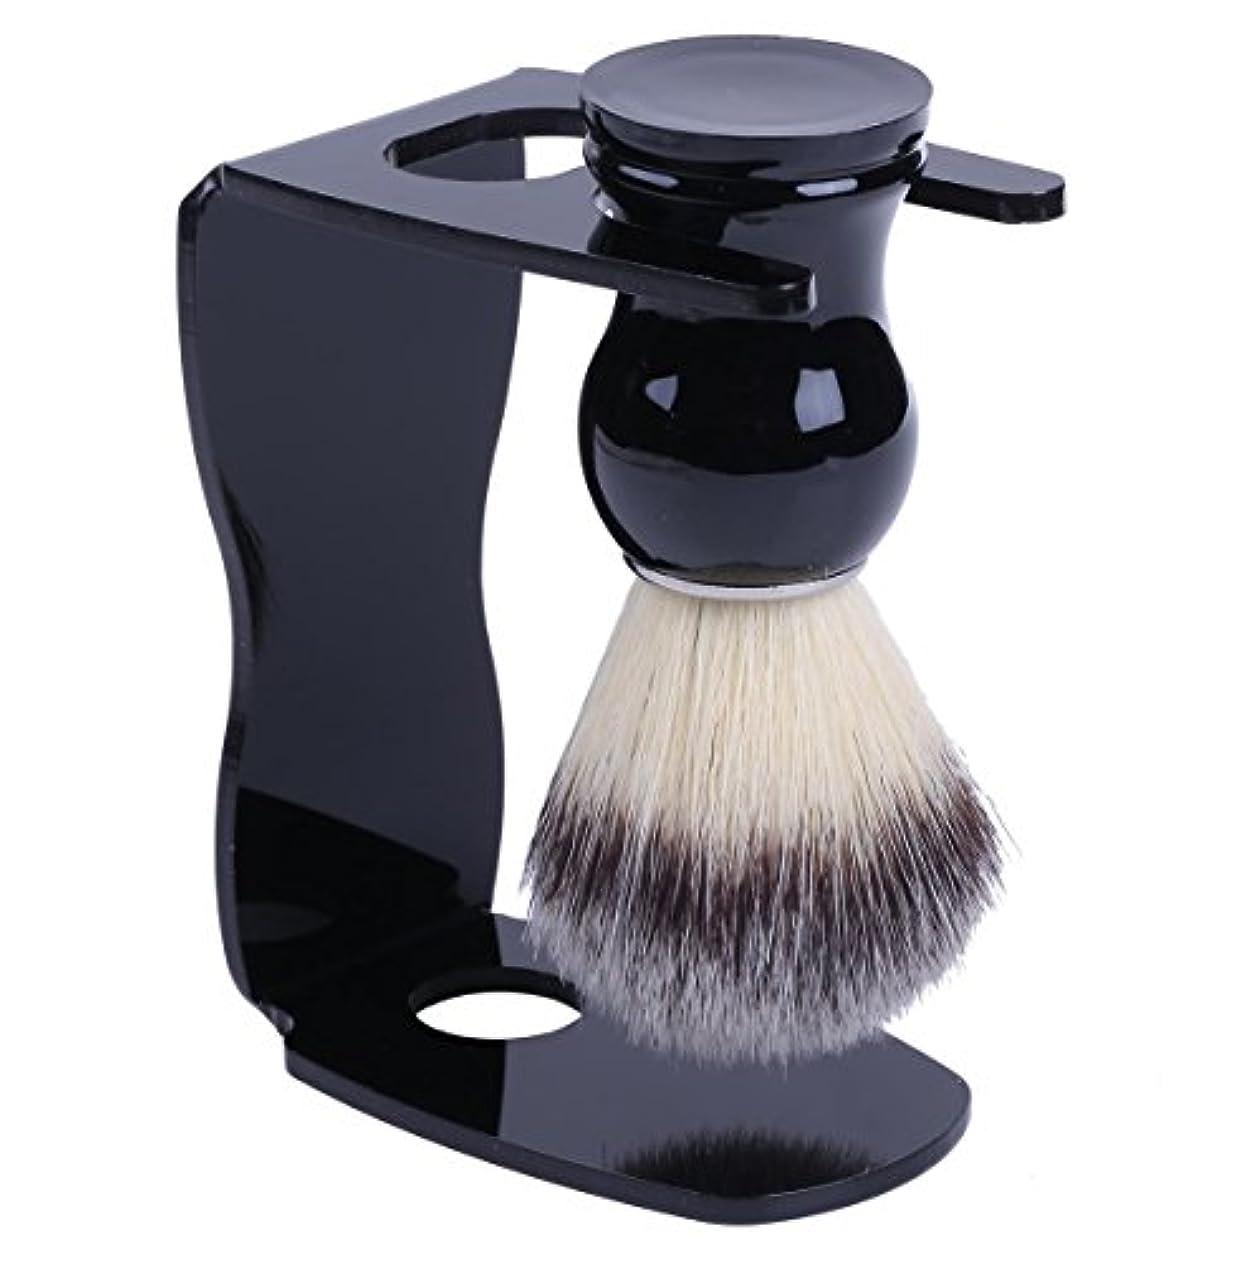 慣性責め掃く泡立ちが違う アナグマ 毛100% スタンド付き シェービング ブラシ /髭剃り 洗顔 理容 マッサージ 美容 効果